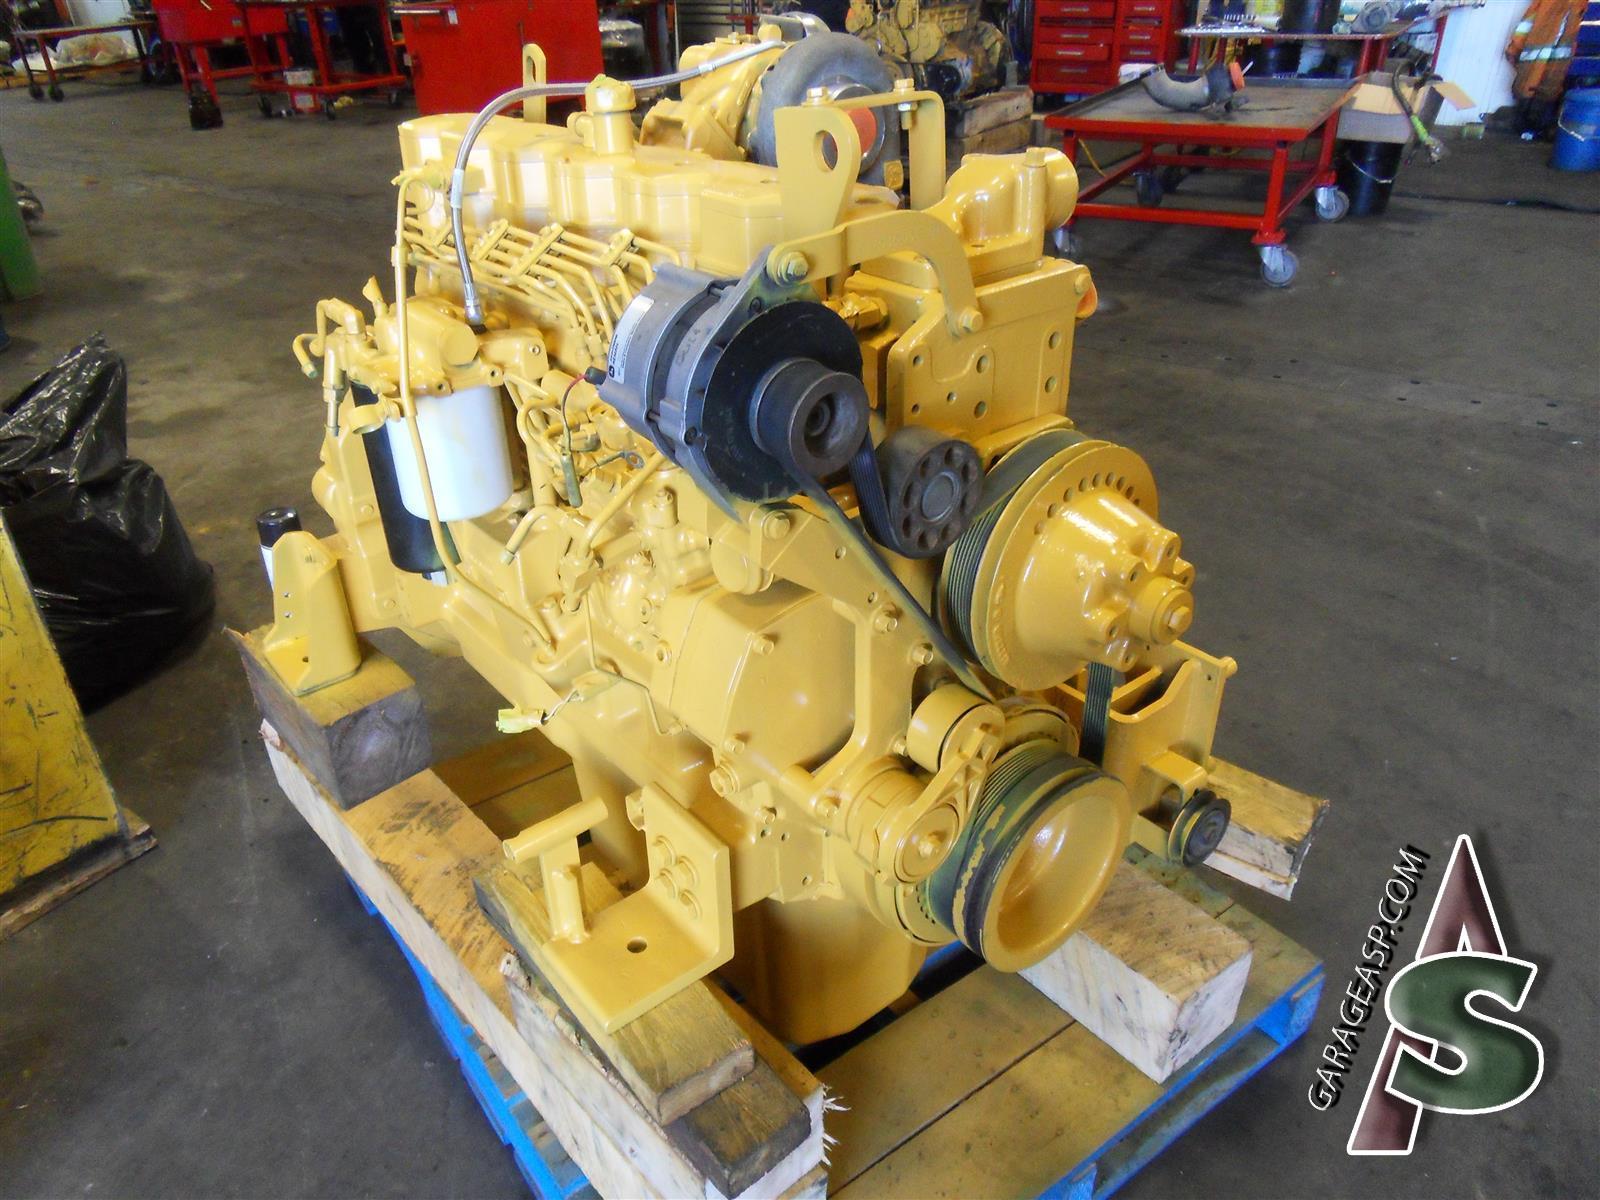 Deere Engines - Heavy equipment parts